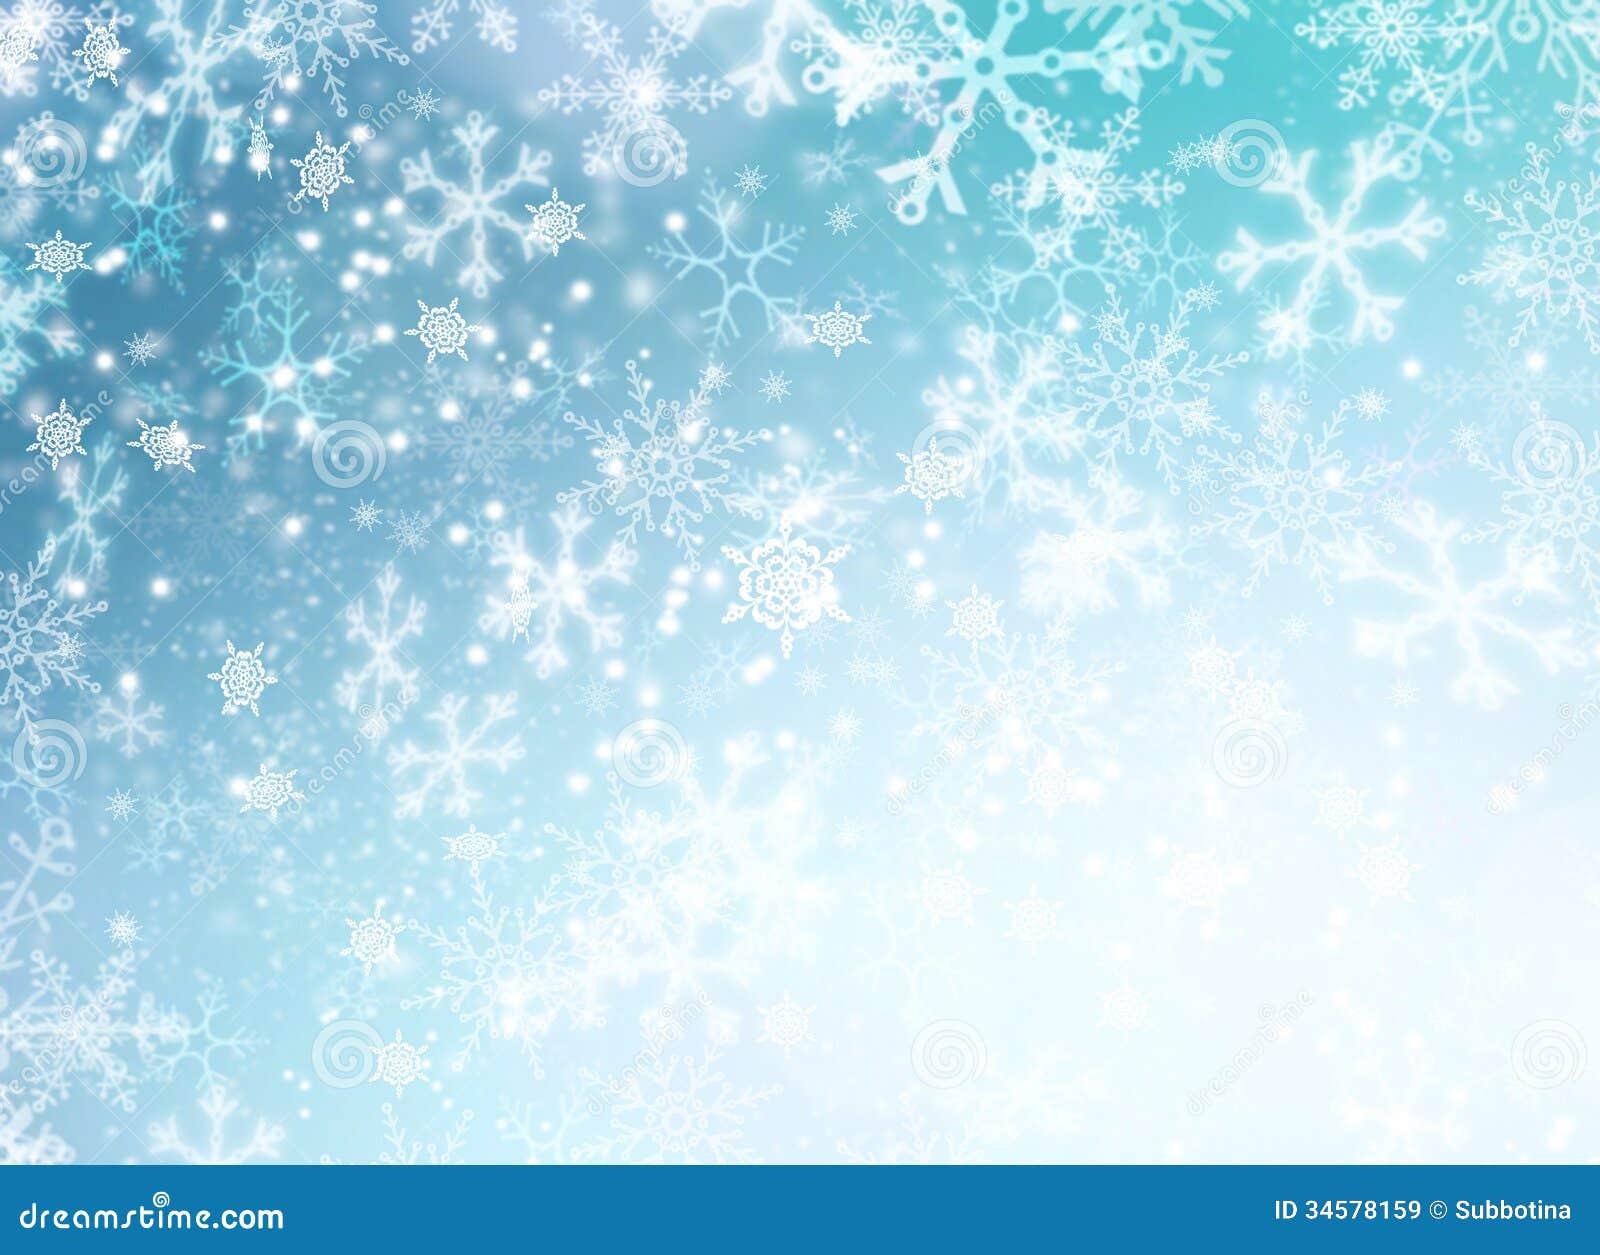 Fond de neige de vacances d hiver